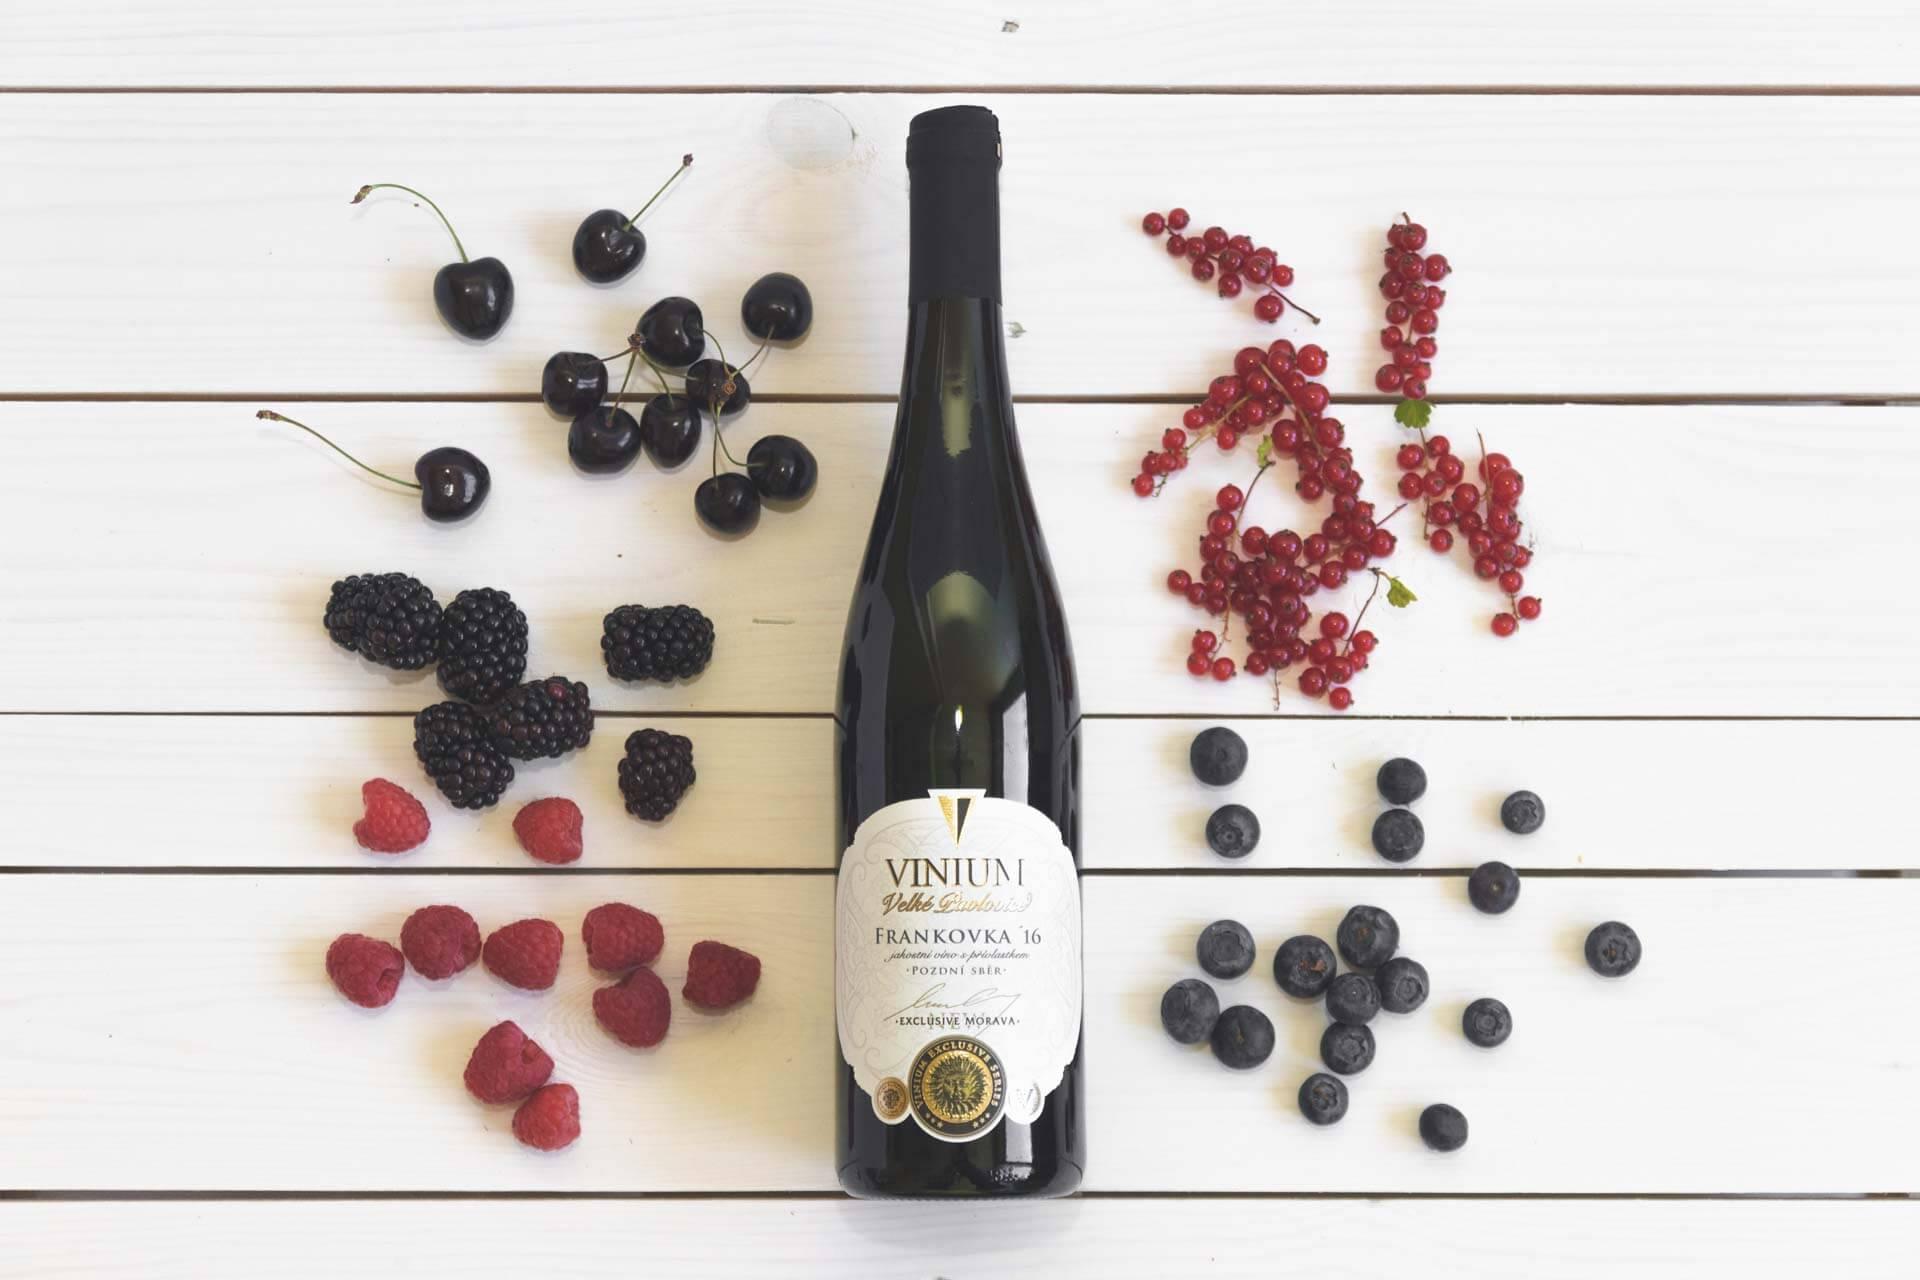 Fotka k článku 1, červené víno, Frankovka, moravské víno, VINIUM